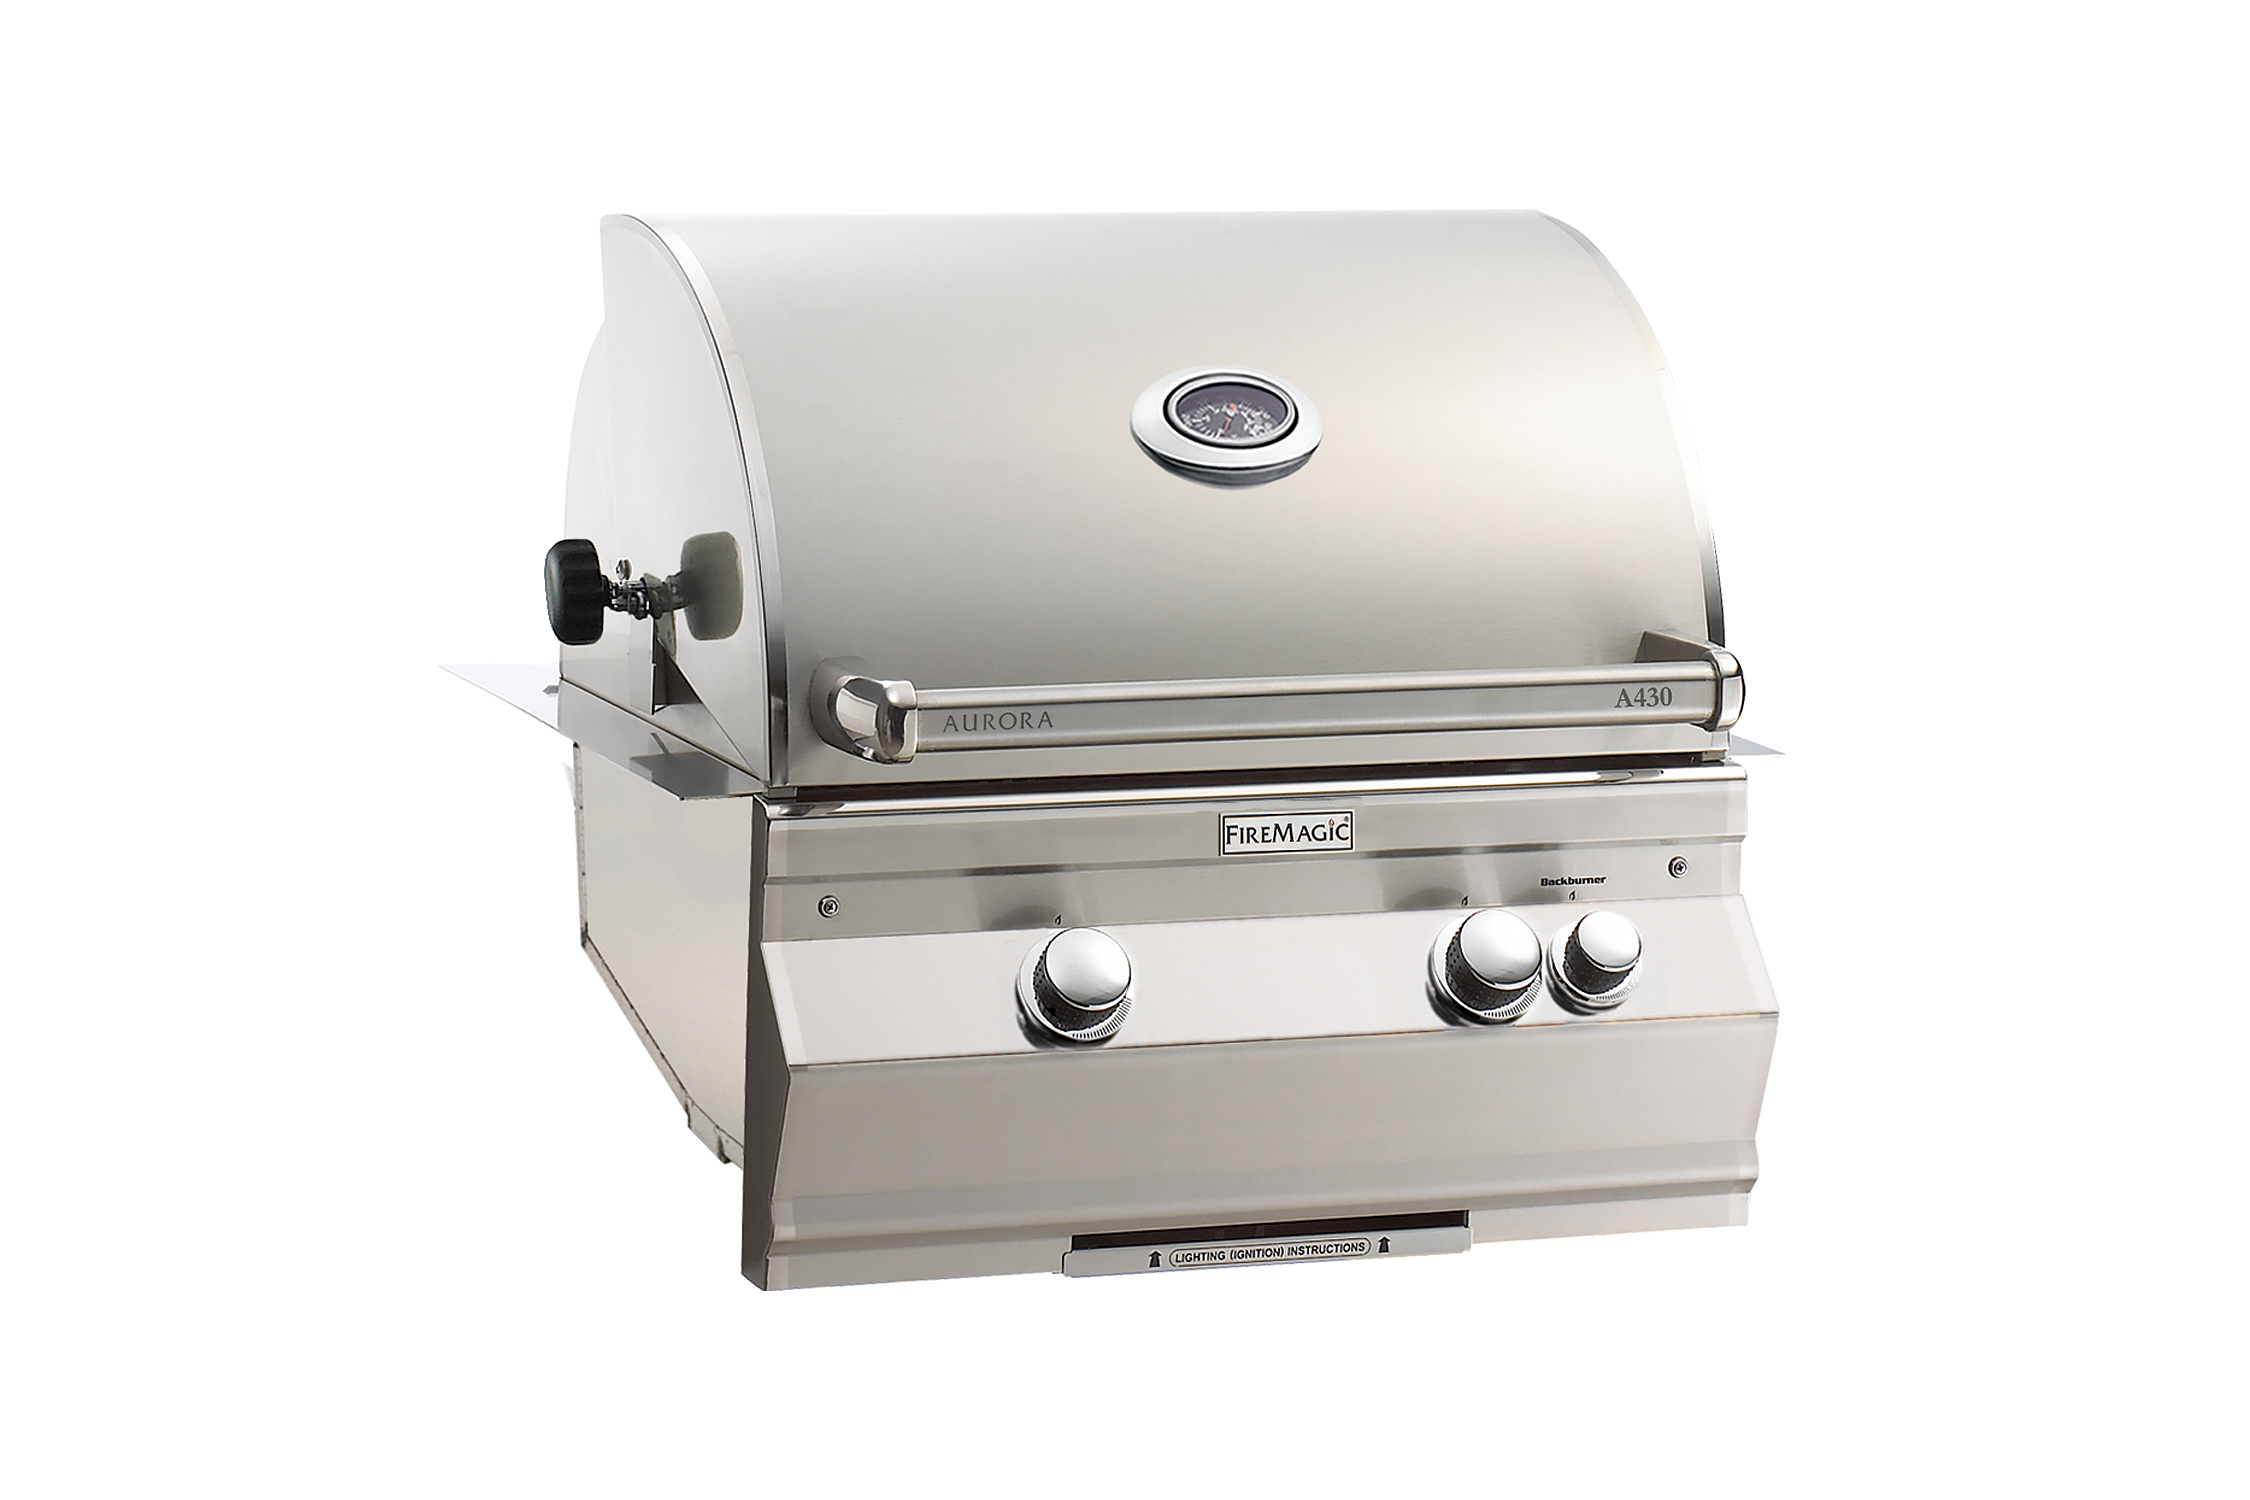 fm-a430i-aurora-analog-built-in-grill.jpg